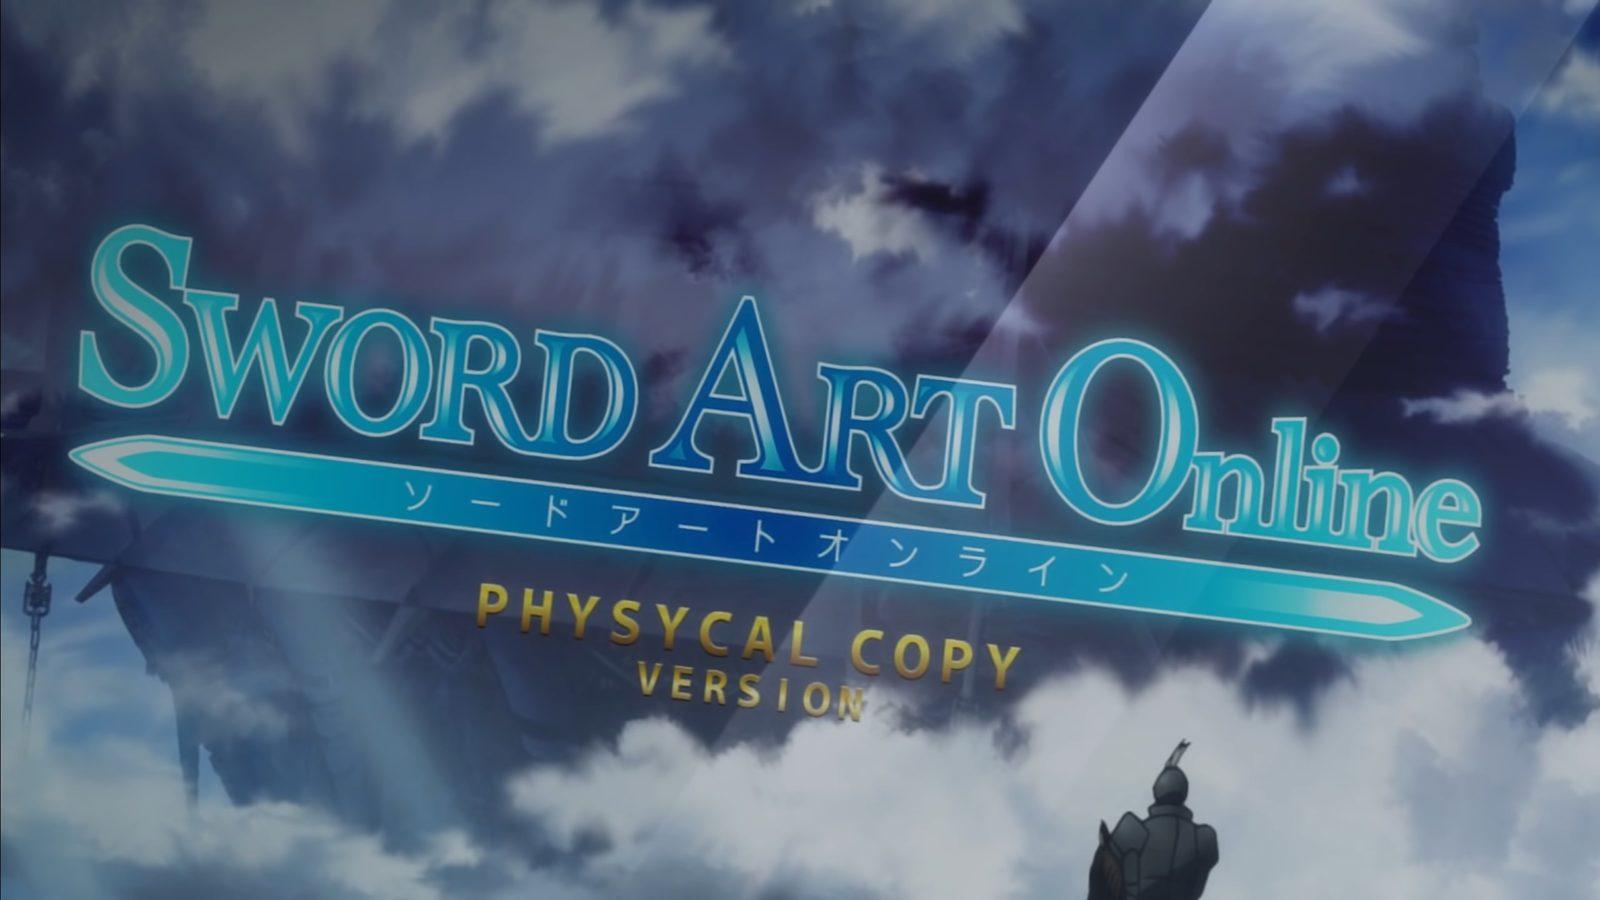 Как закалялась сталь: полнометражные «Мастера меча онлайн» покажут другой взгляд на начало истории